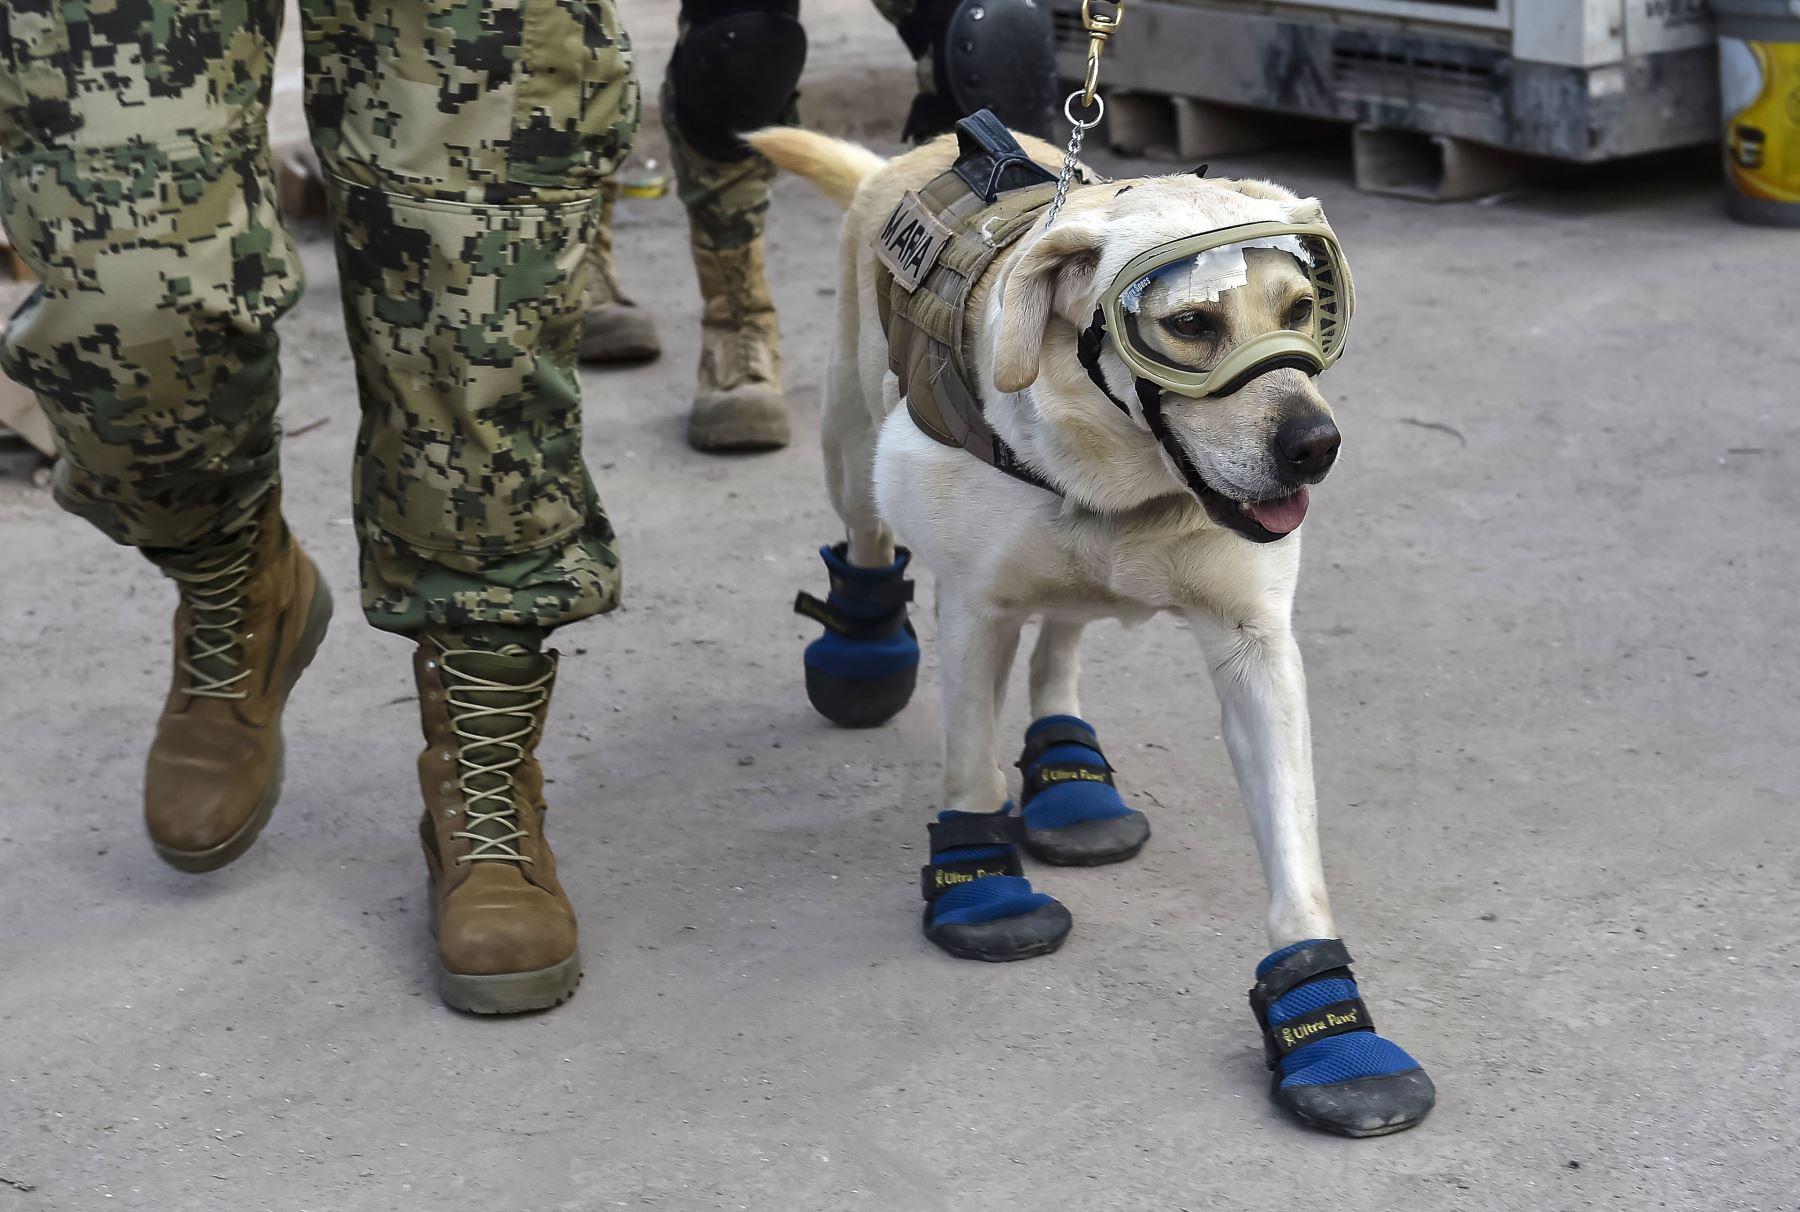 Frida,perro de rescate de la Armada Mexicana, participa en buscar a personas atrapadas en la Ciudad de México.Foto:AFP